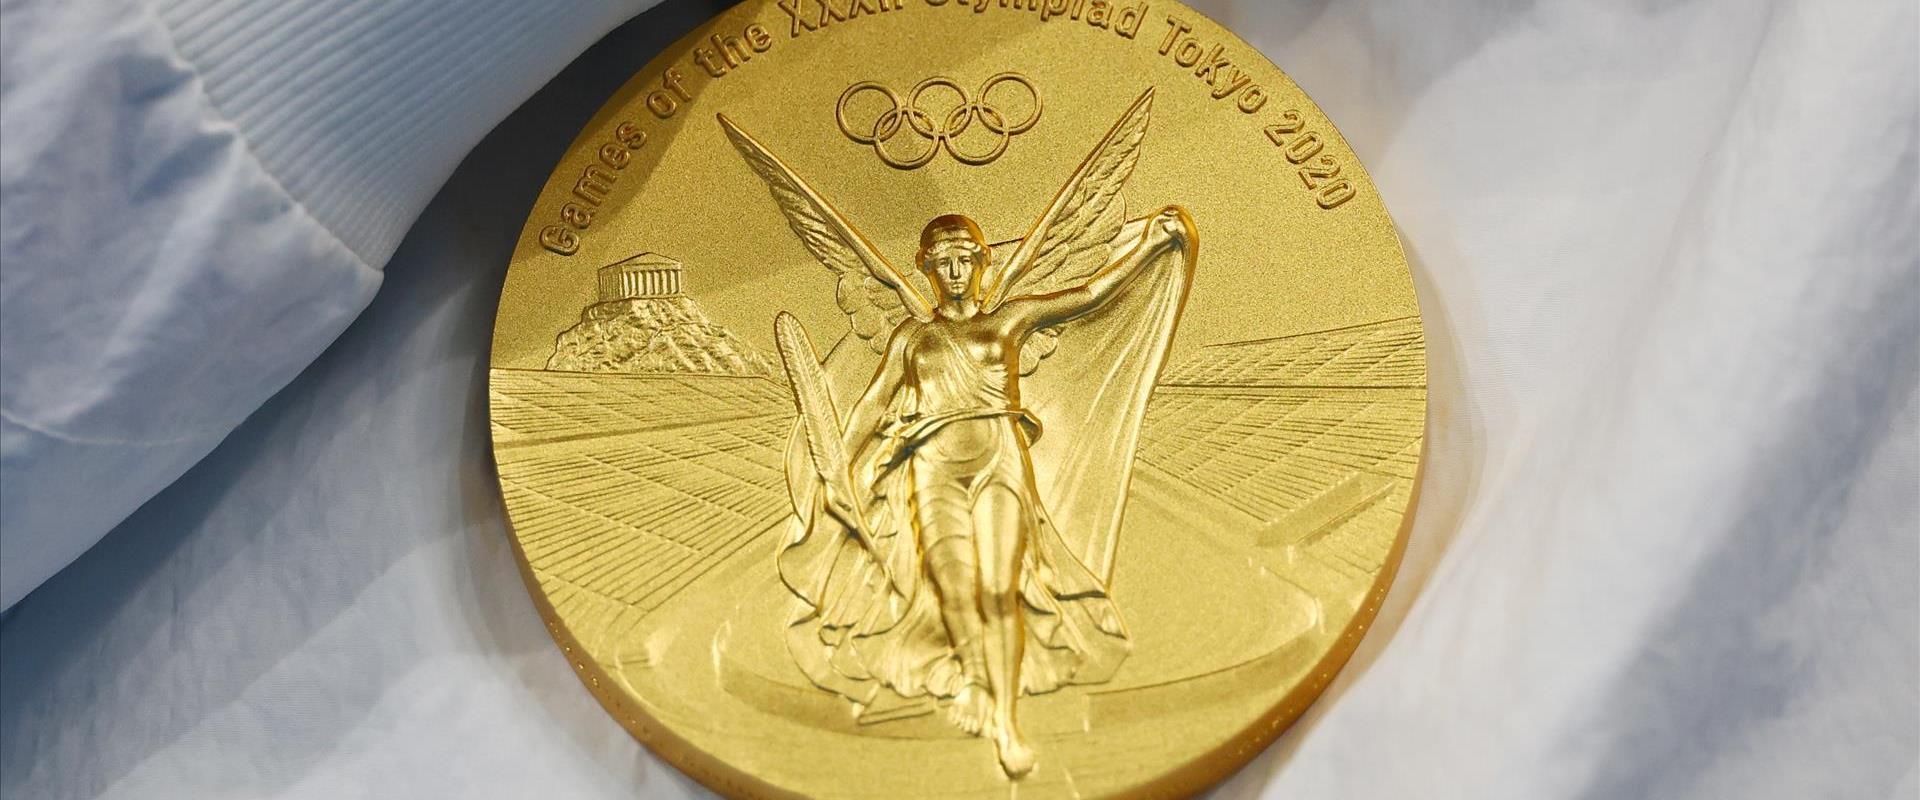 מדליית זהב אולימפיאדת טוקיו 2020